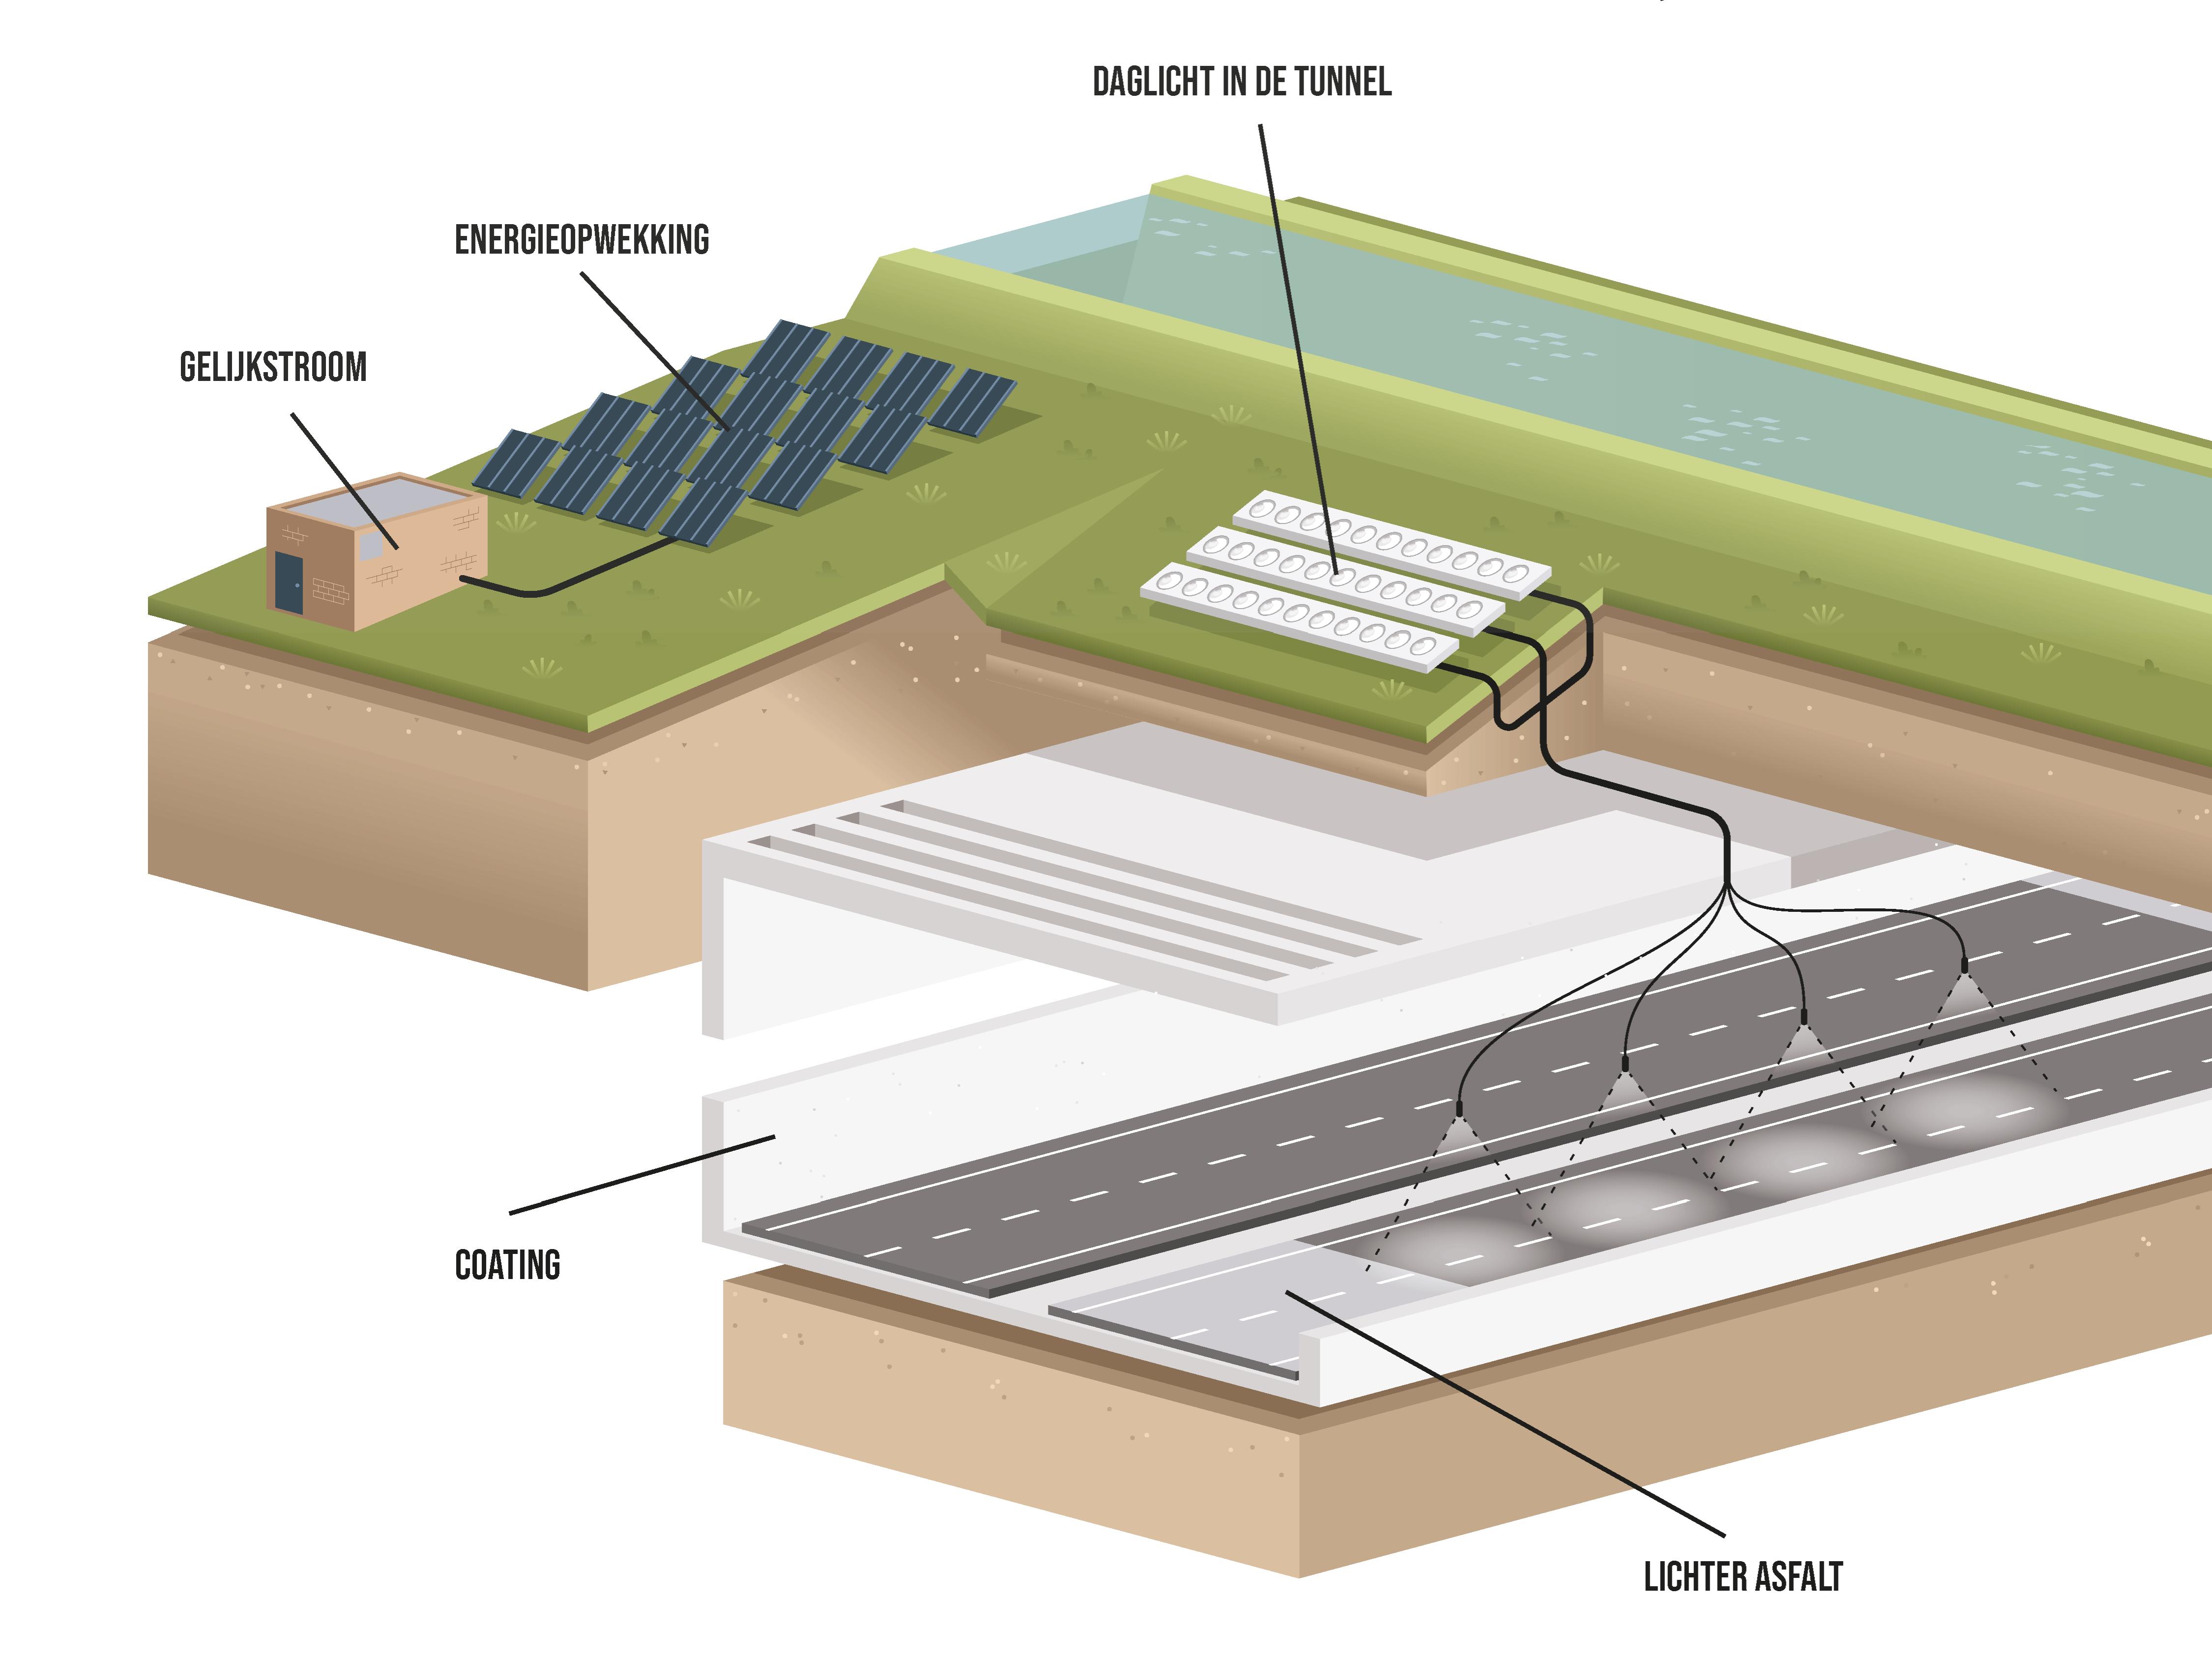 Zo ziet een energieneutrale tunnel eruit